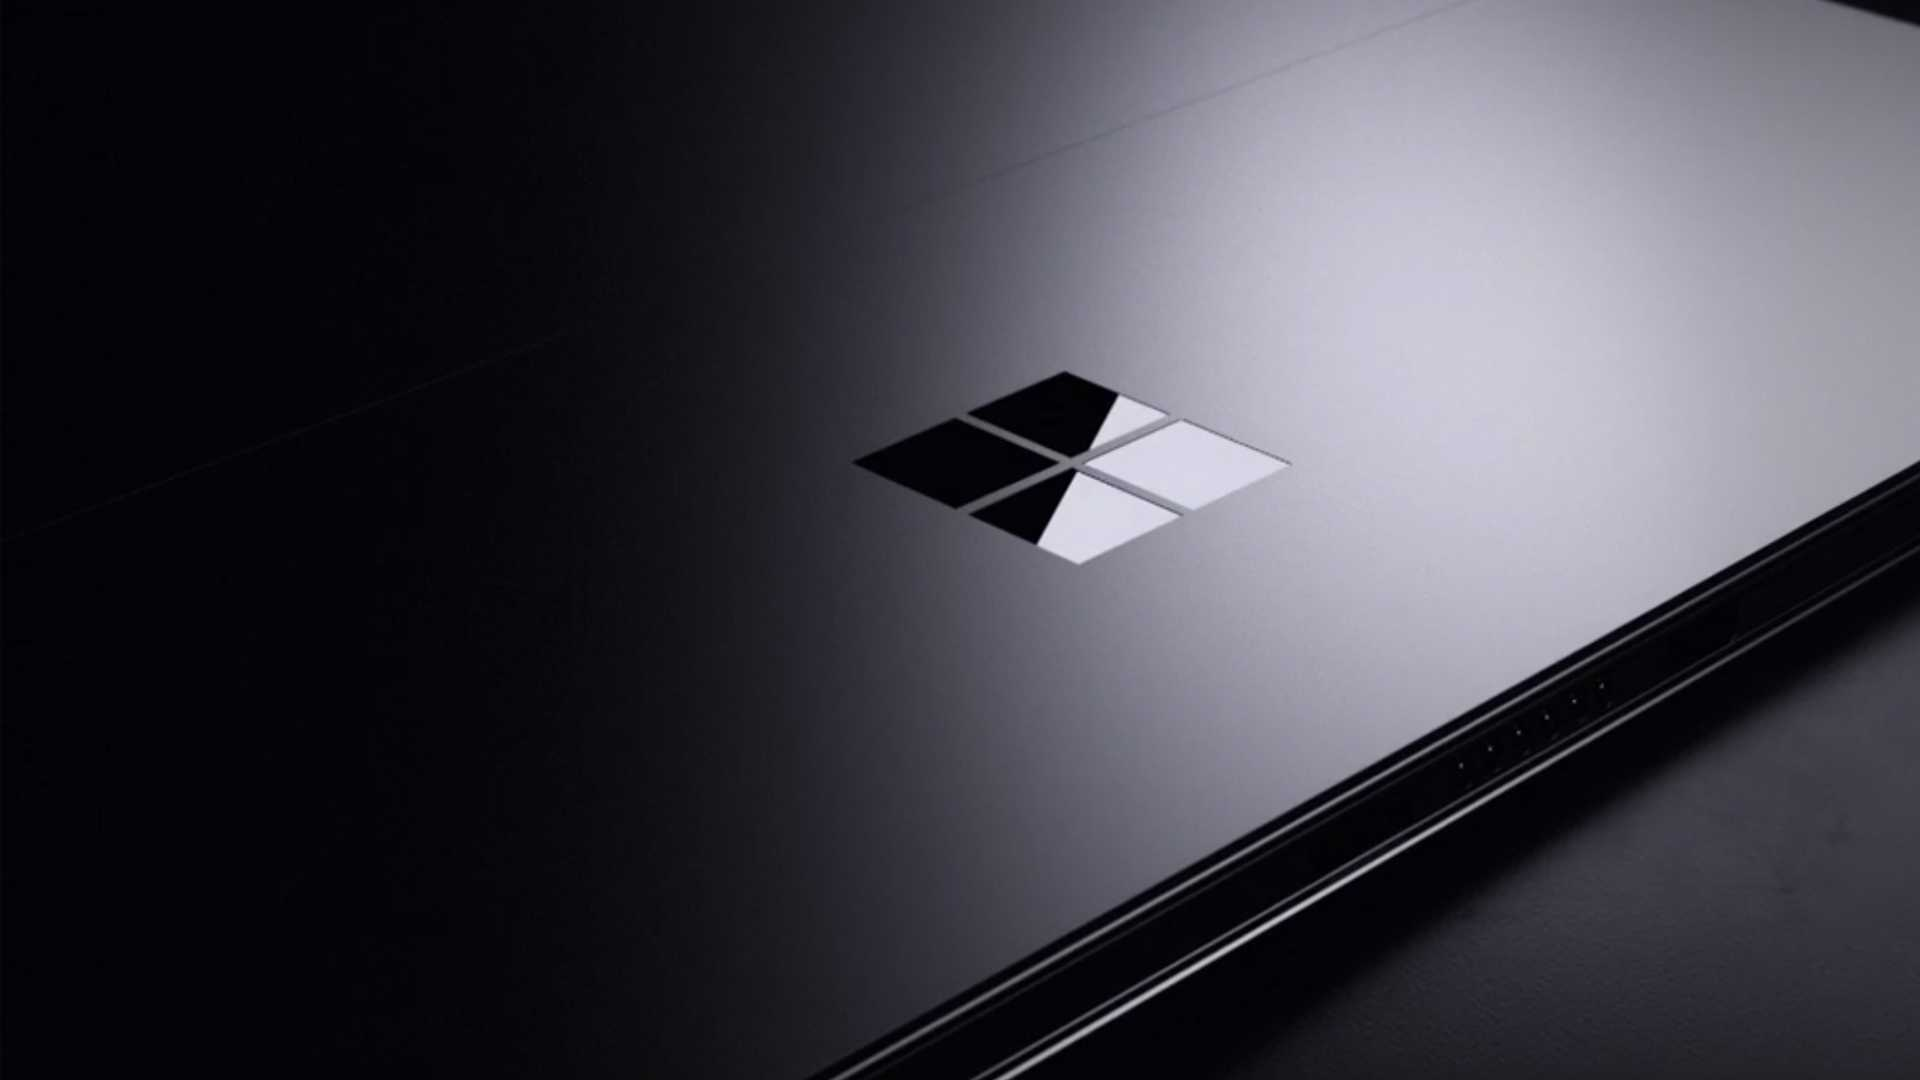 Enfin, il y aurait Surface Pro 8 avec Intel i3